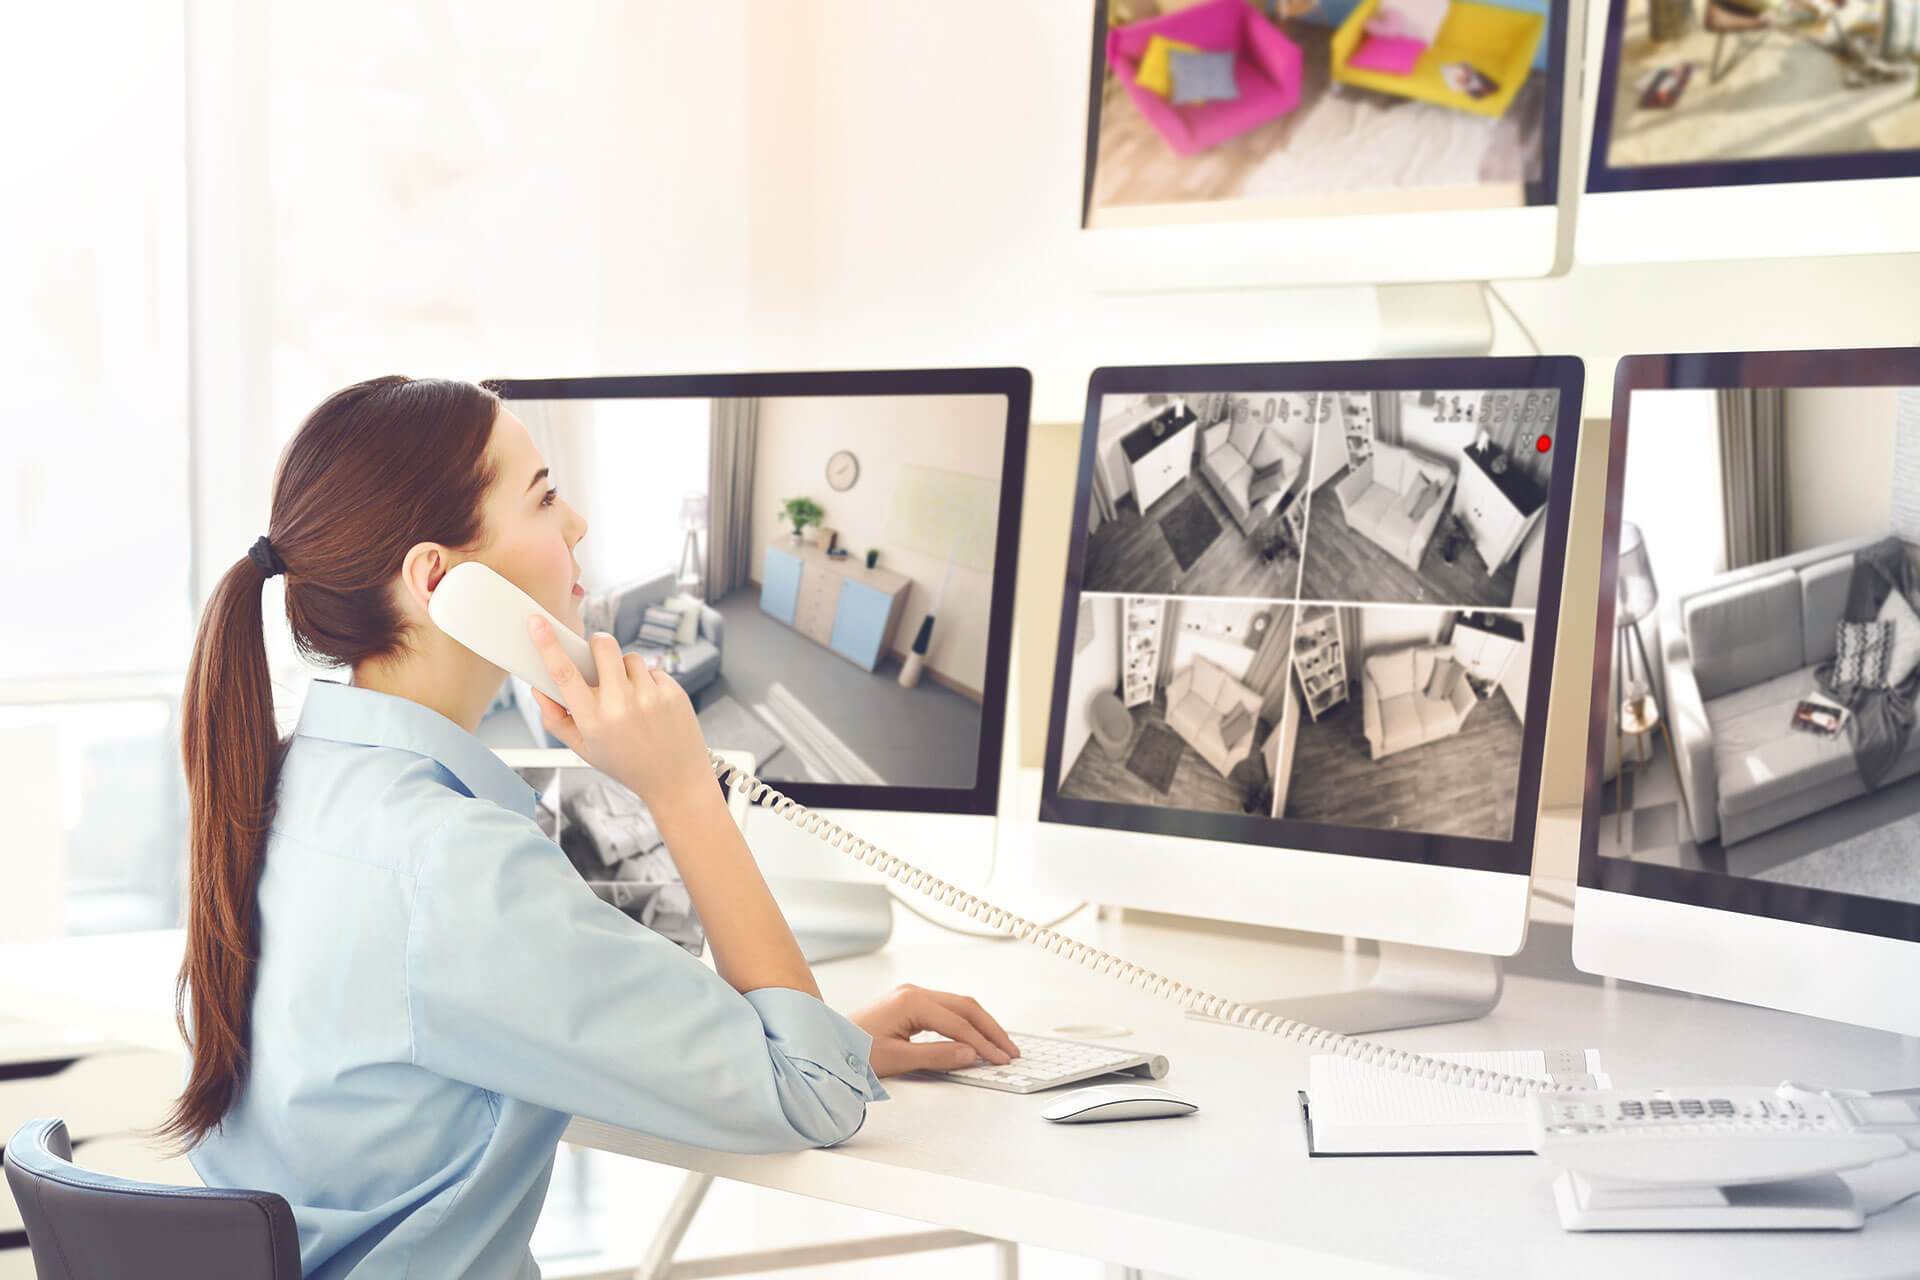 en kvinde tjekker et par skærme med kameraovervågning